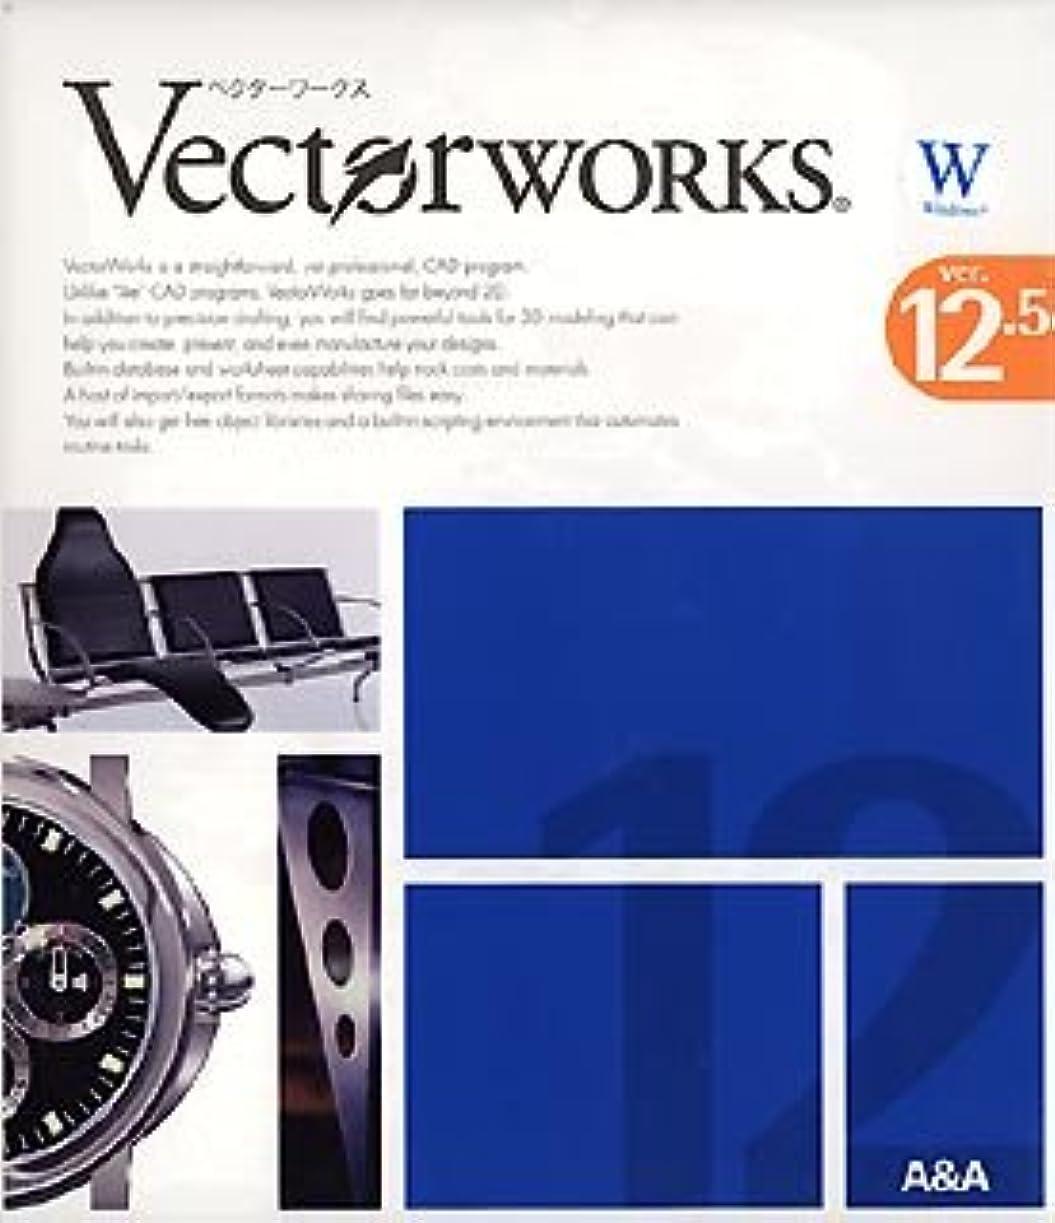 無限大スロット会話型VectorWorks 12.5J スタンドアロン版 基本パッケージ (Windows)